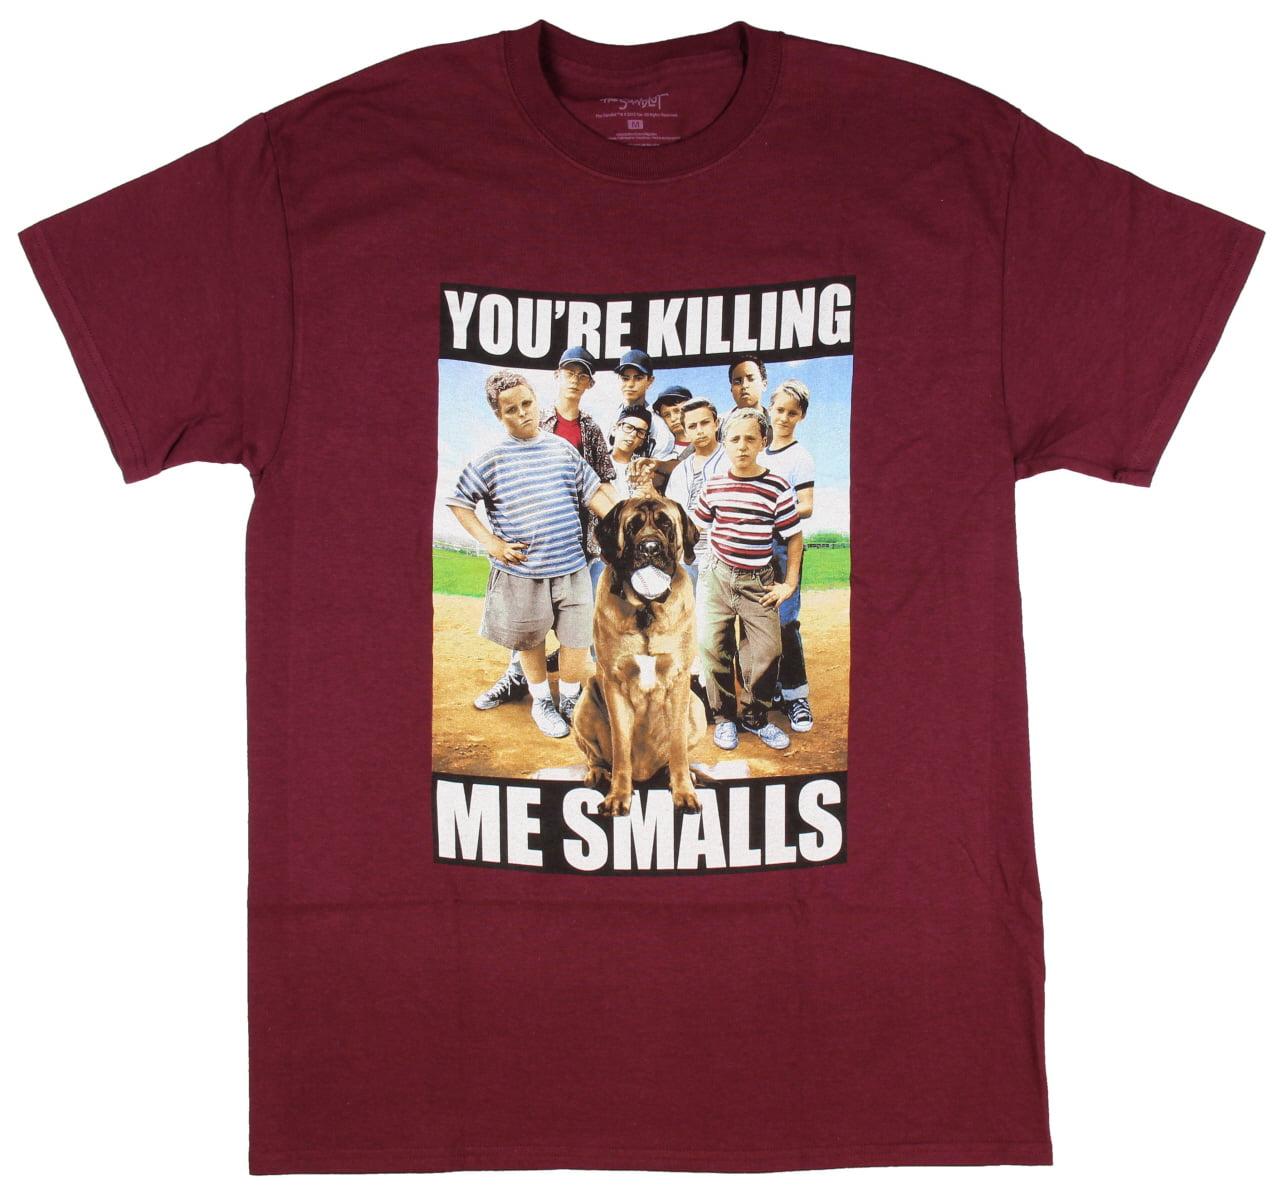 6fcc14a4f The Sandlot - You're Killing Me Smalls Graphic T-Shirt - Walmart.com